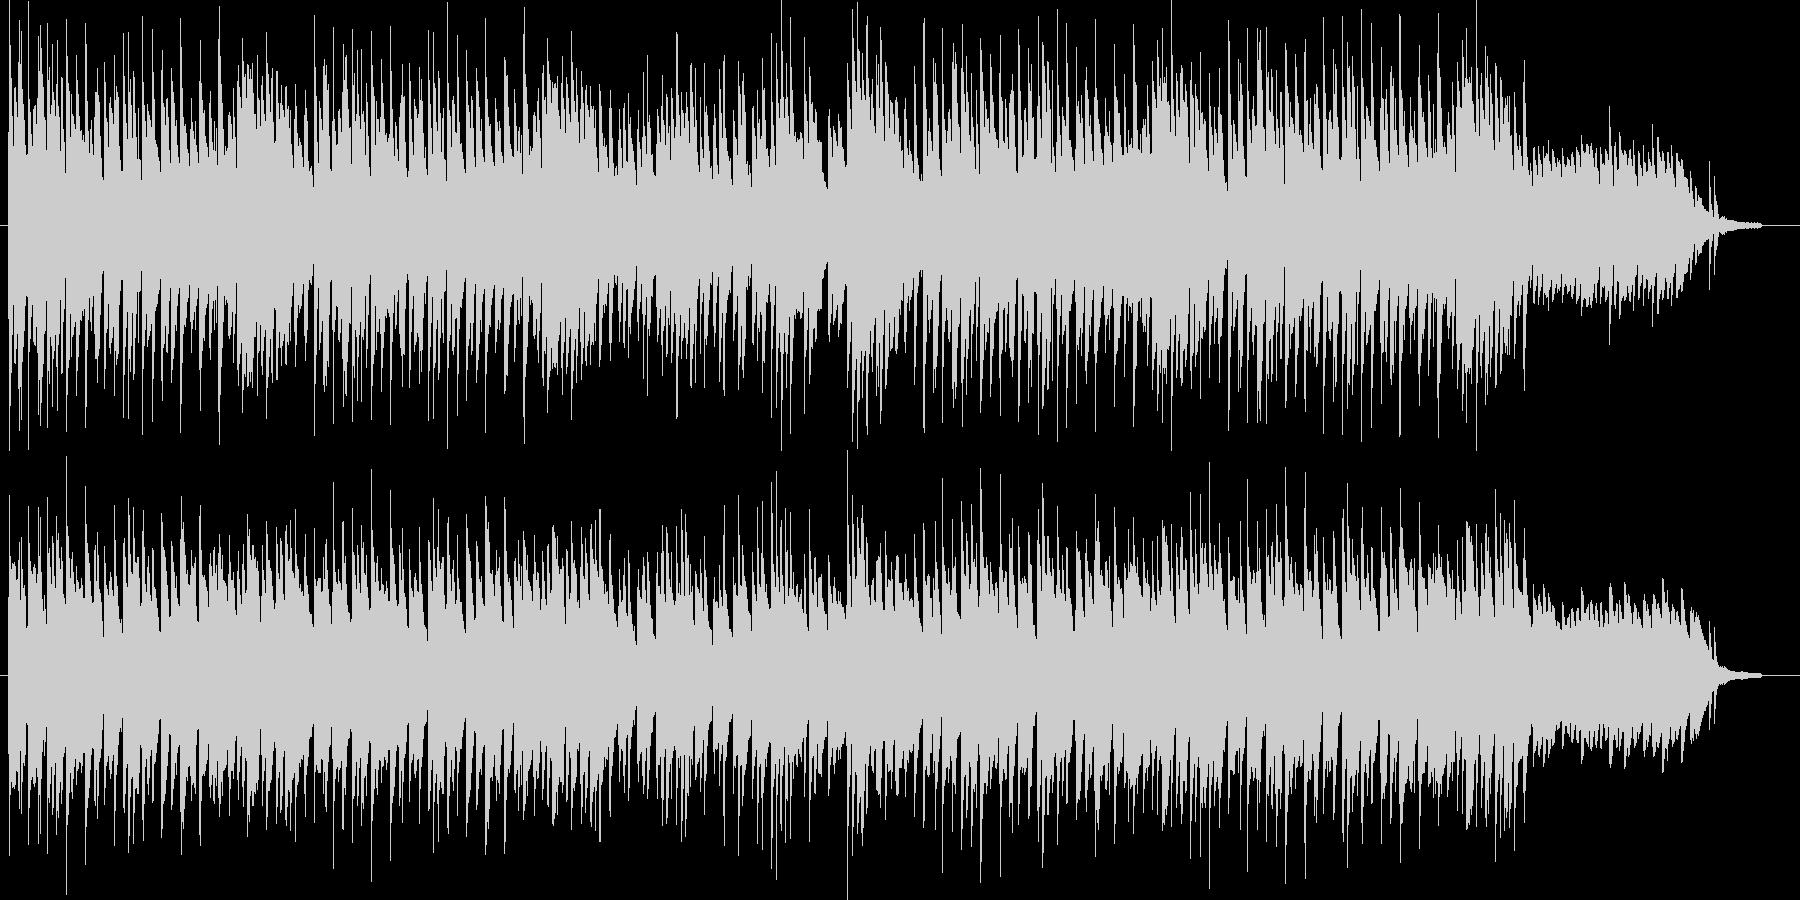 シリアスで切なげな雰囲気のピアノソロの未再生の波形